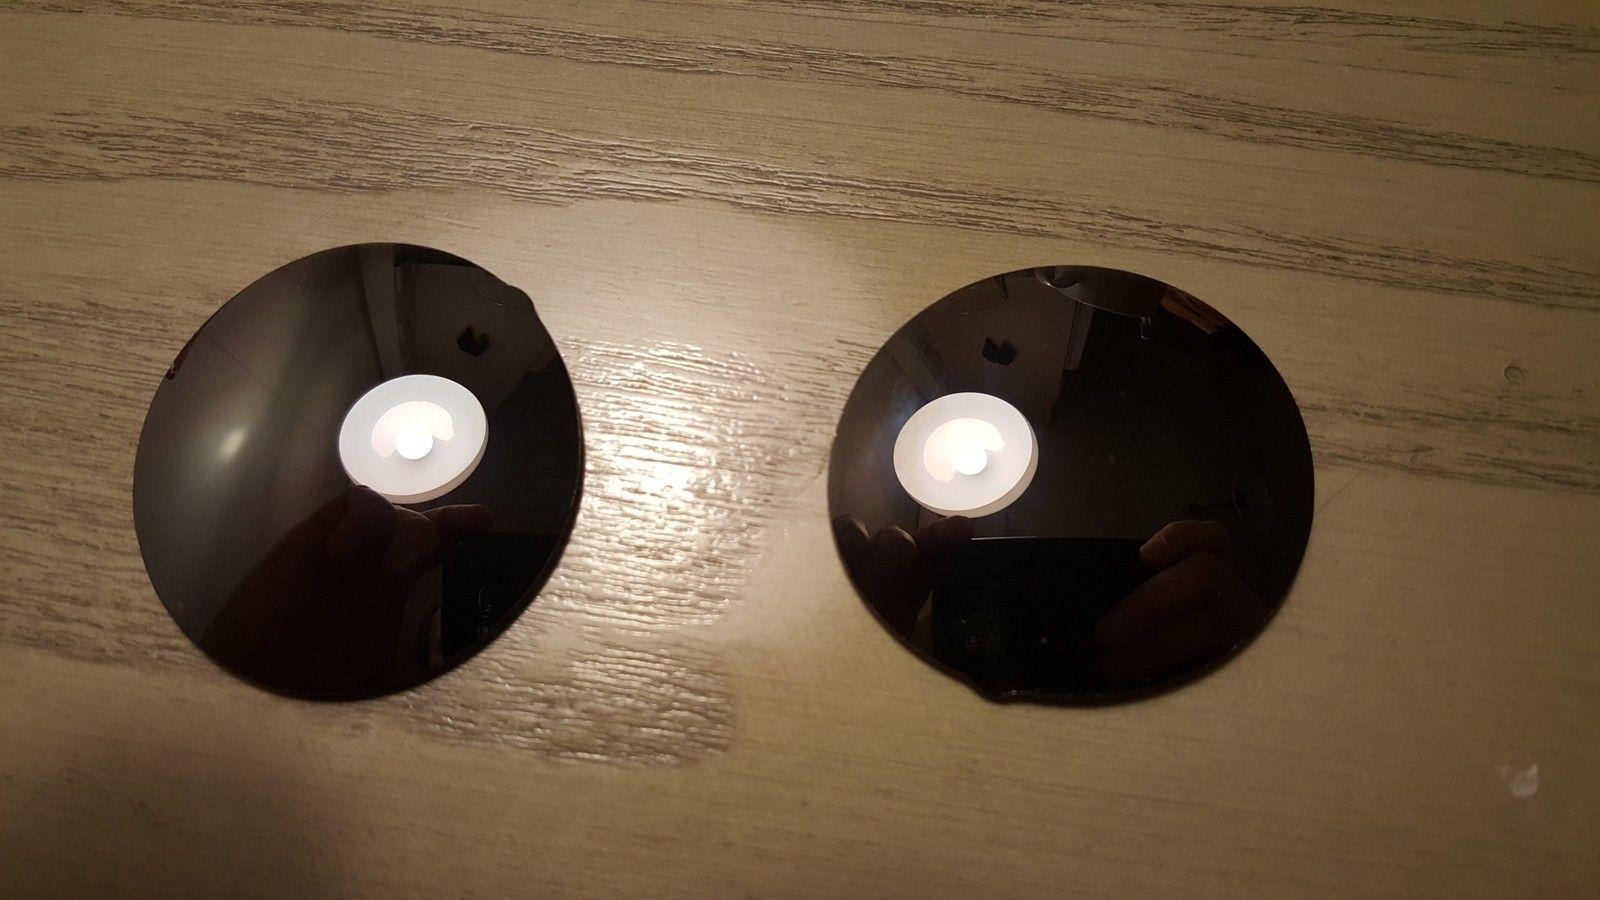 Oakley Mars and Romeo 2.0 lenses - 20151101_214946.jpg